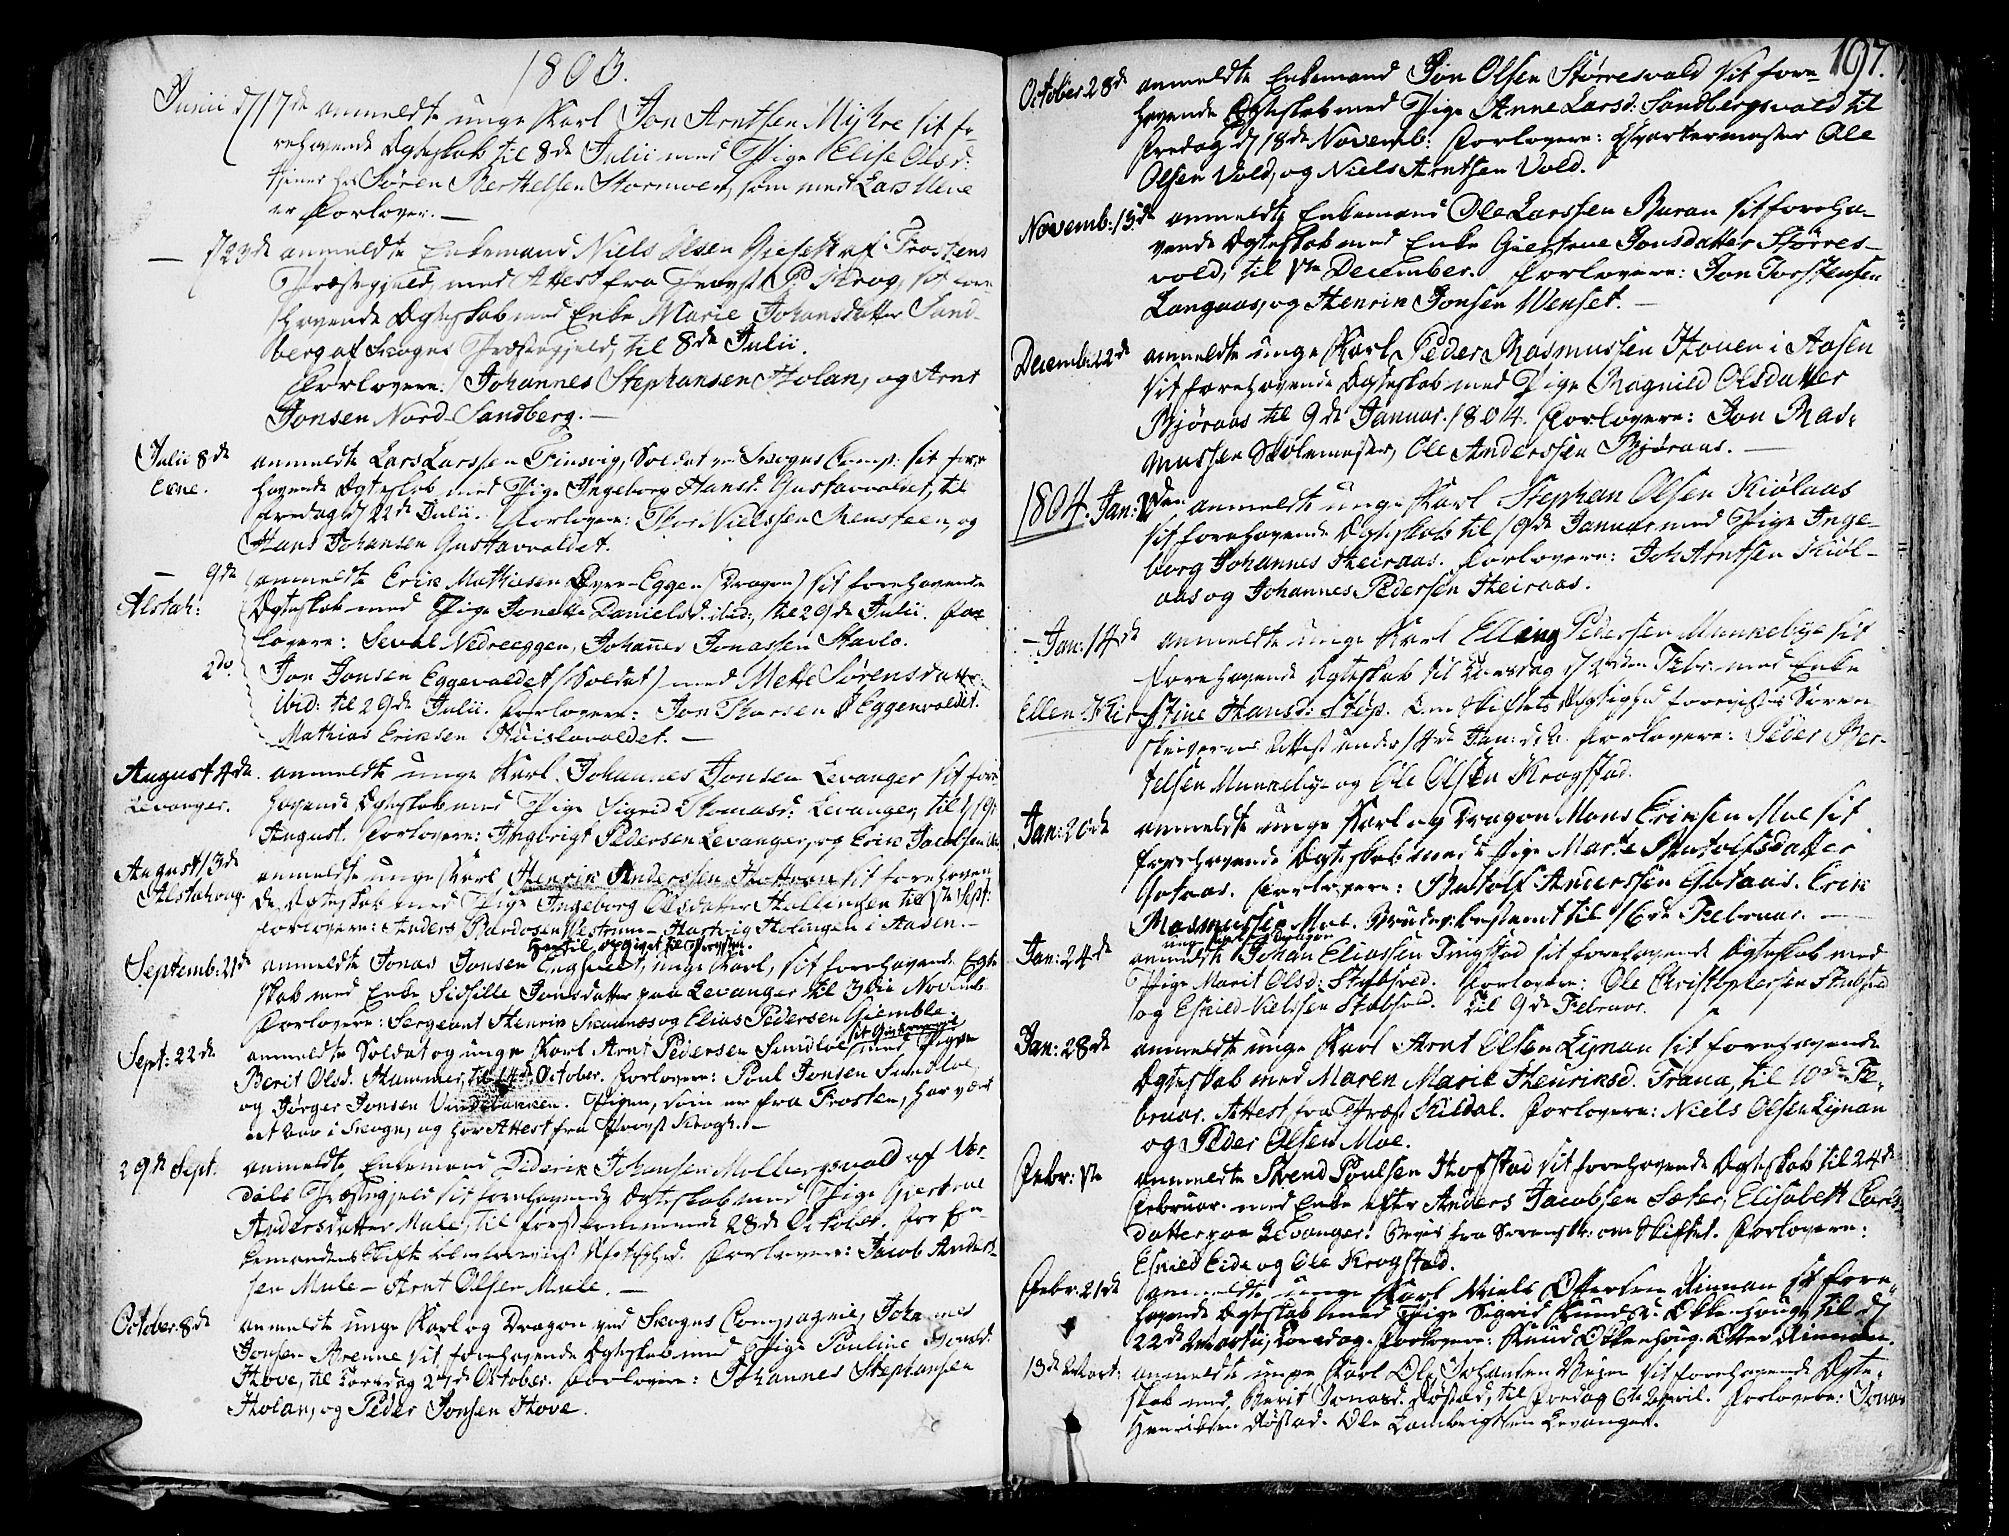 SAT, Ministerialprotokoller, klokkerbøker og fødselsregistre - Nord-Trøndelag, 717/L0142: Ministerialbok nr. 717A02 /1, 1783-1809, s. 197